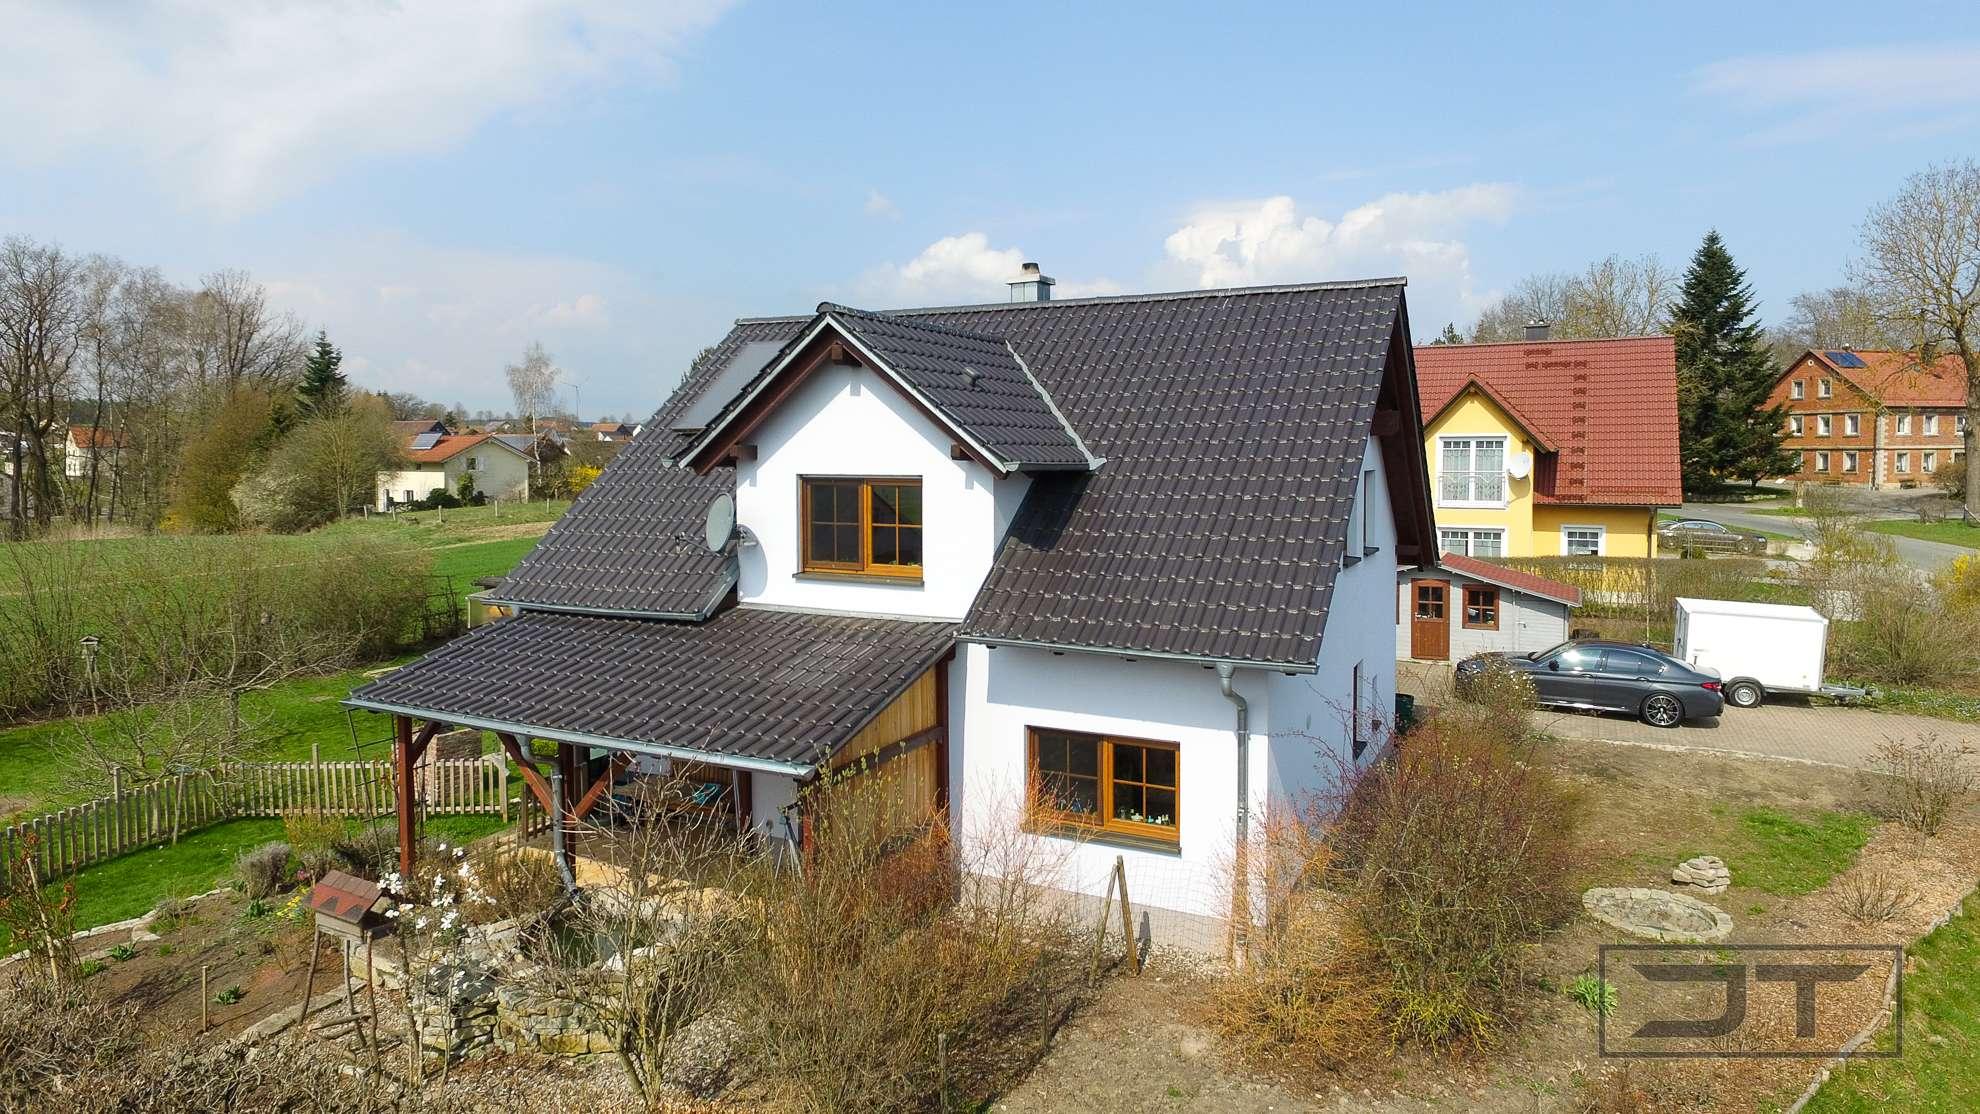 Modernes Einfamilienhaus mit Doppelgarage & fantastischem Grundstück in ruhiger Lage mit Fernblick!